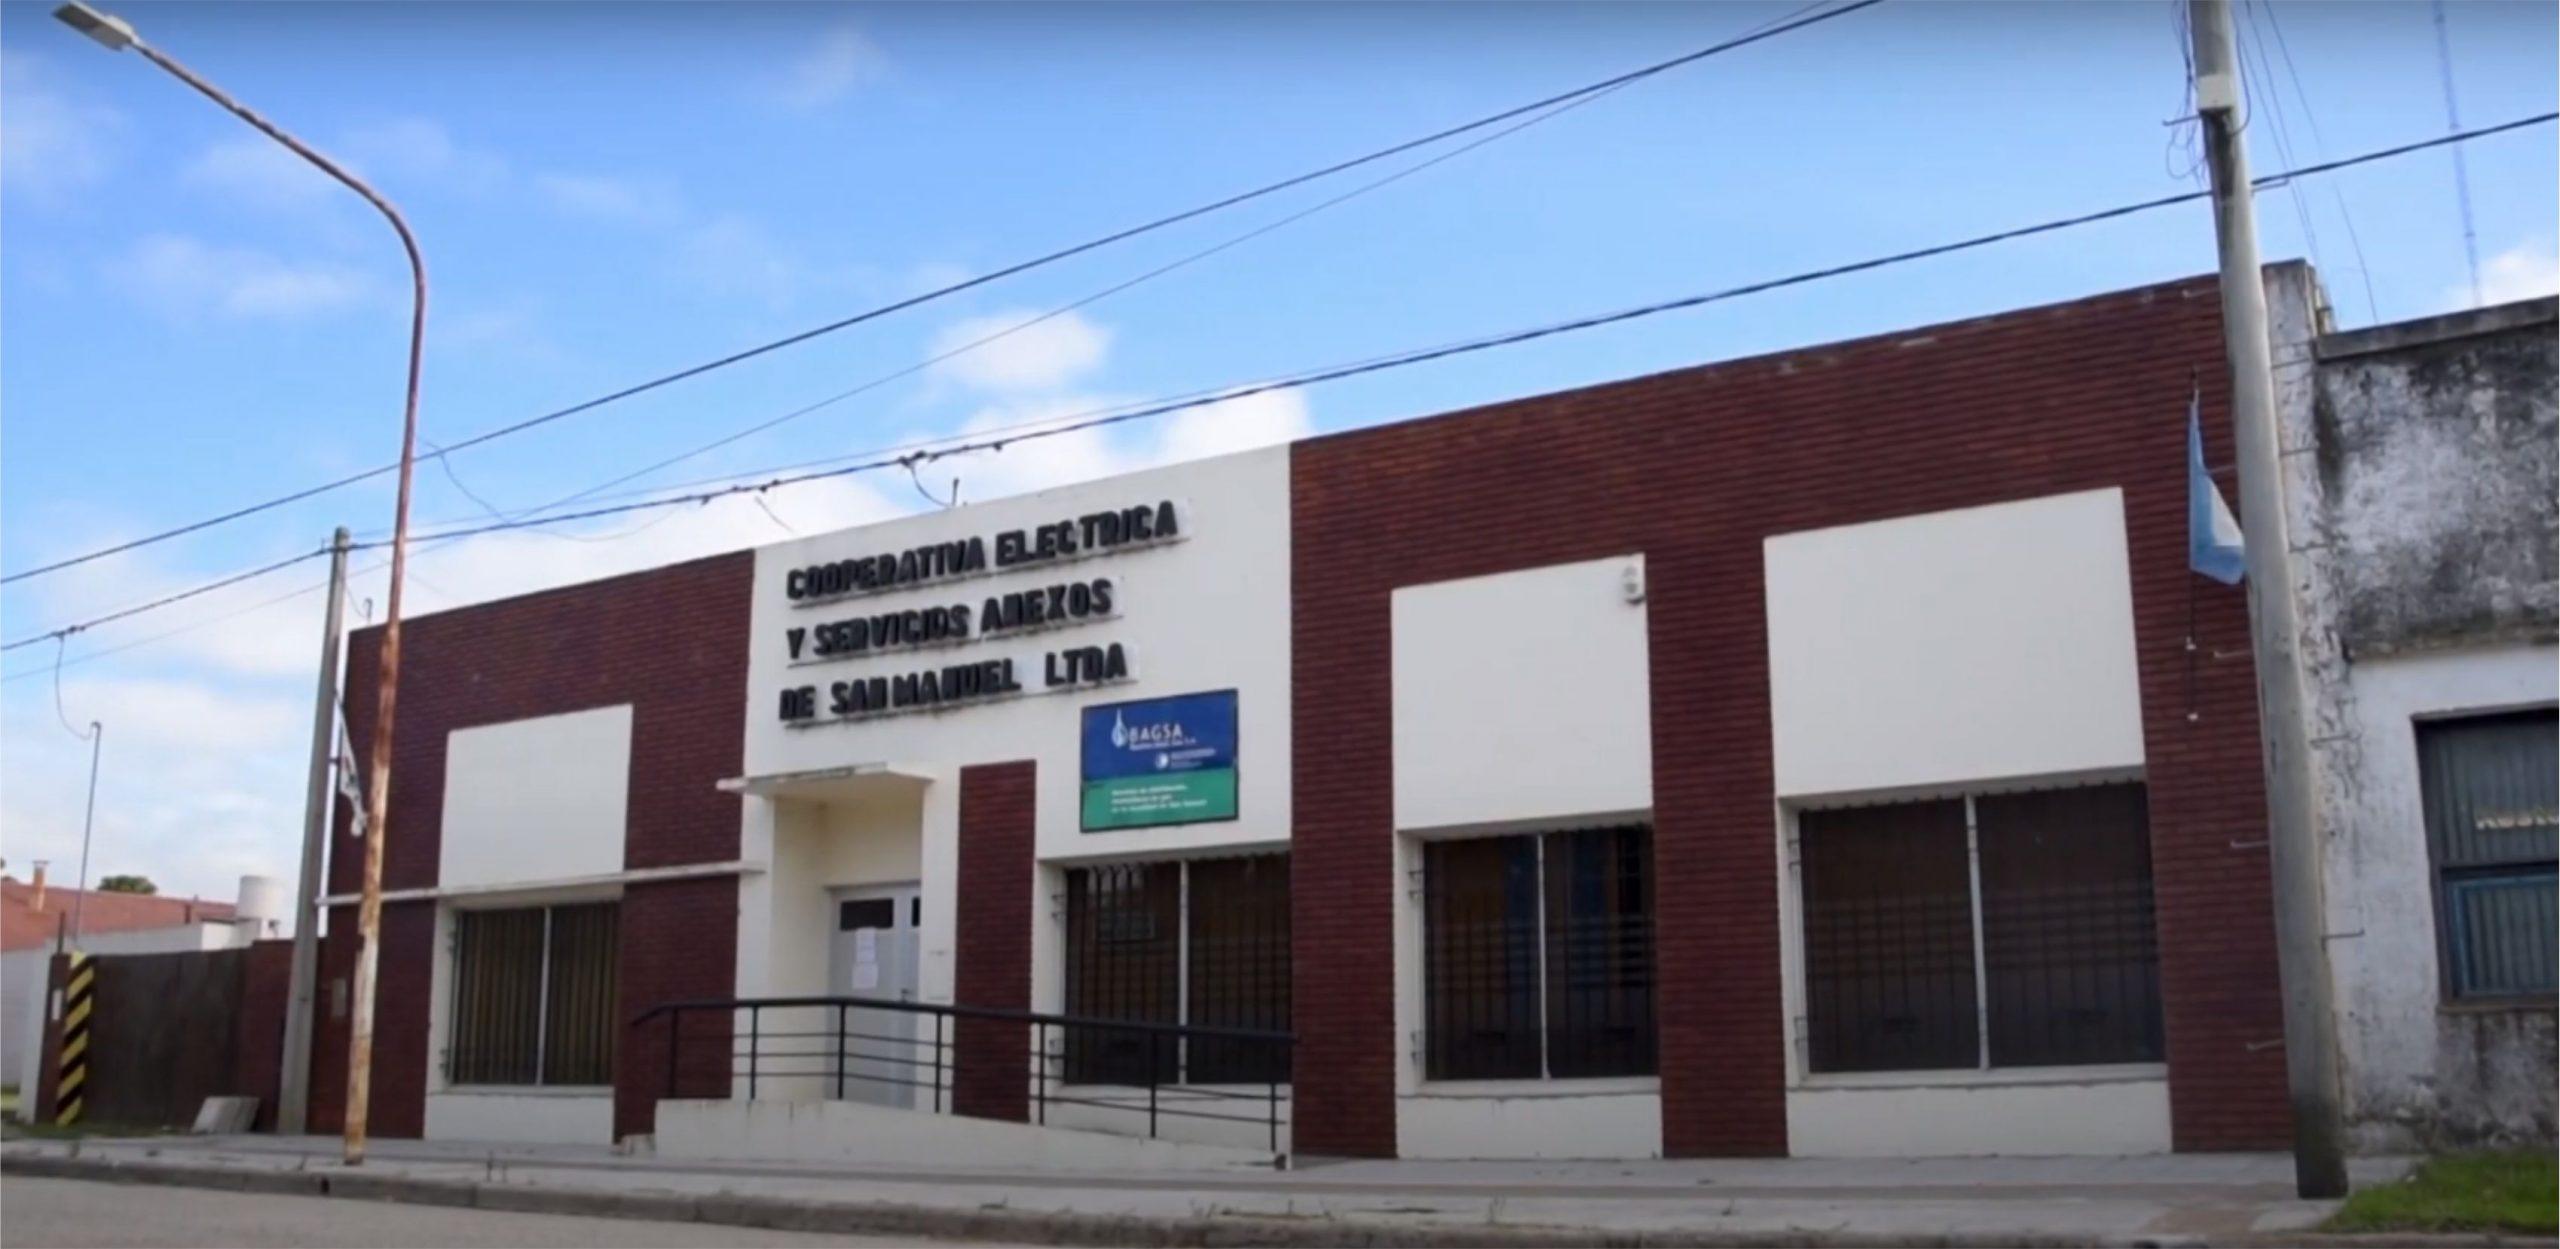 FUERZA SOLIDARIA APROBÓ UN CRÉDITO PARA LA COOPERATIVA ELÉCTRICA Y SERVICIOS ANEXOS DE SAN MANUEL LTDA.